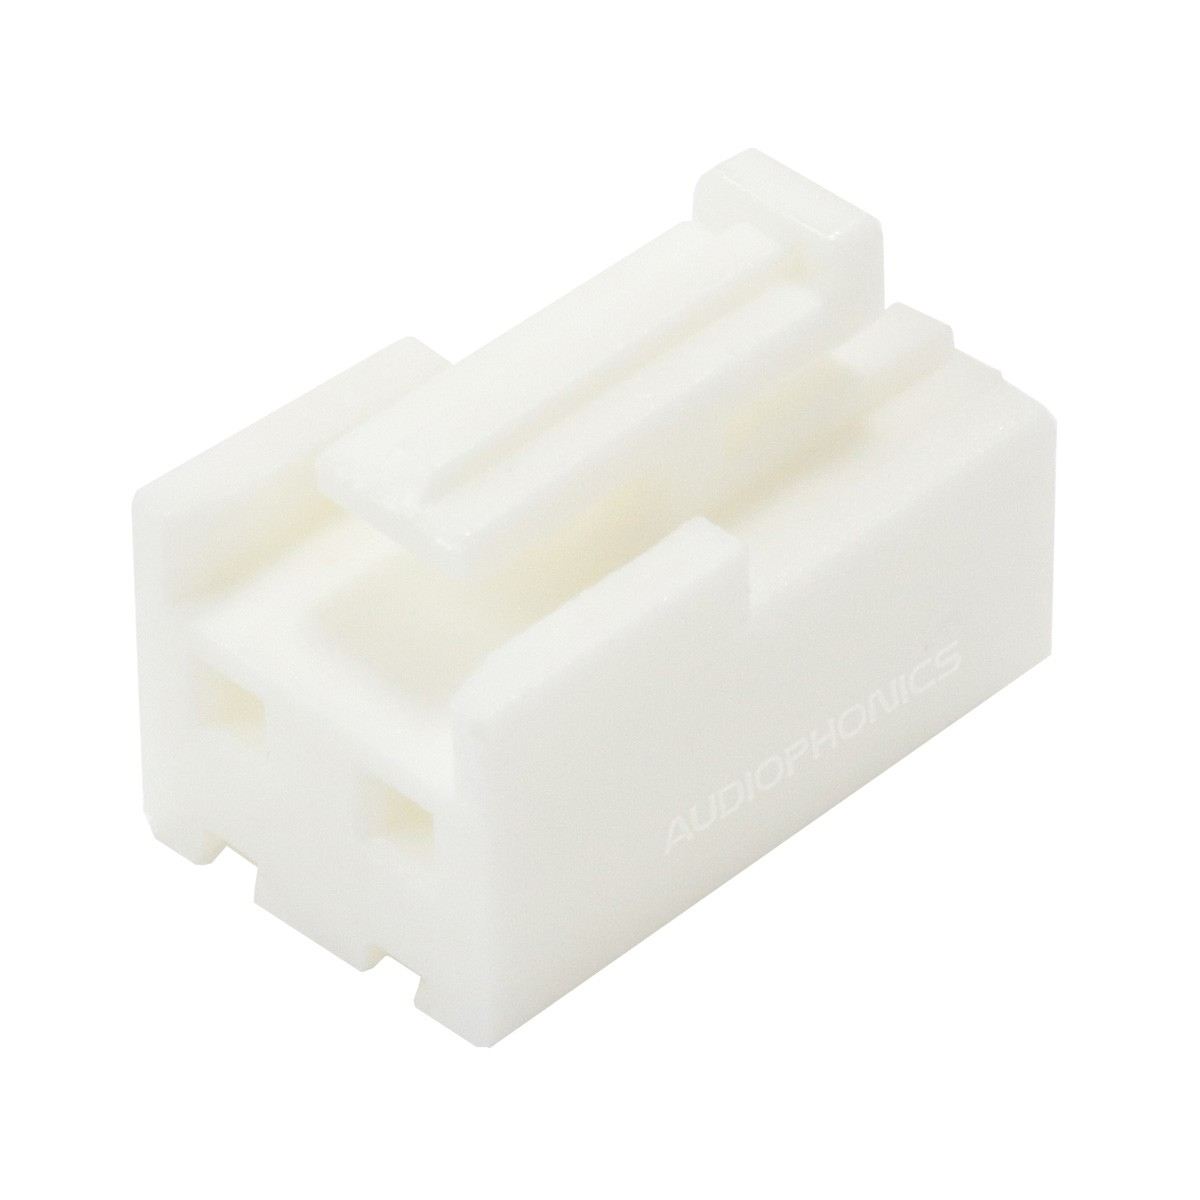 Boîtier VH 3.96mm Femelle 2 Voies Blanc (Unité)